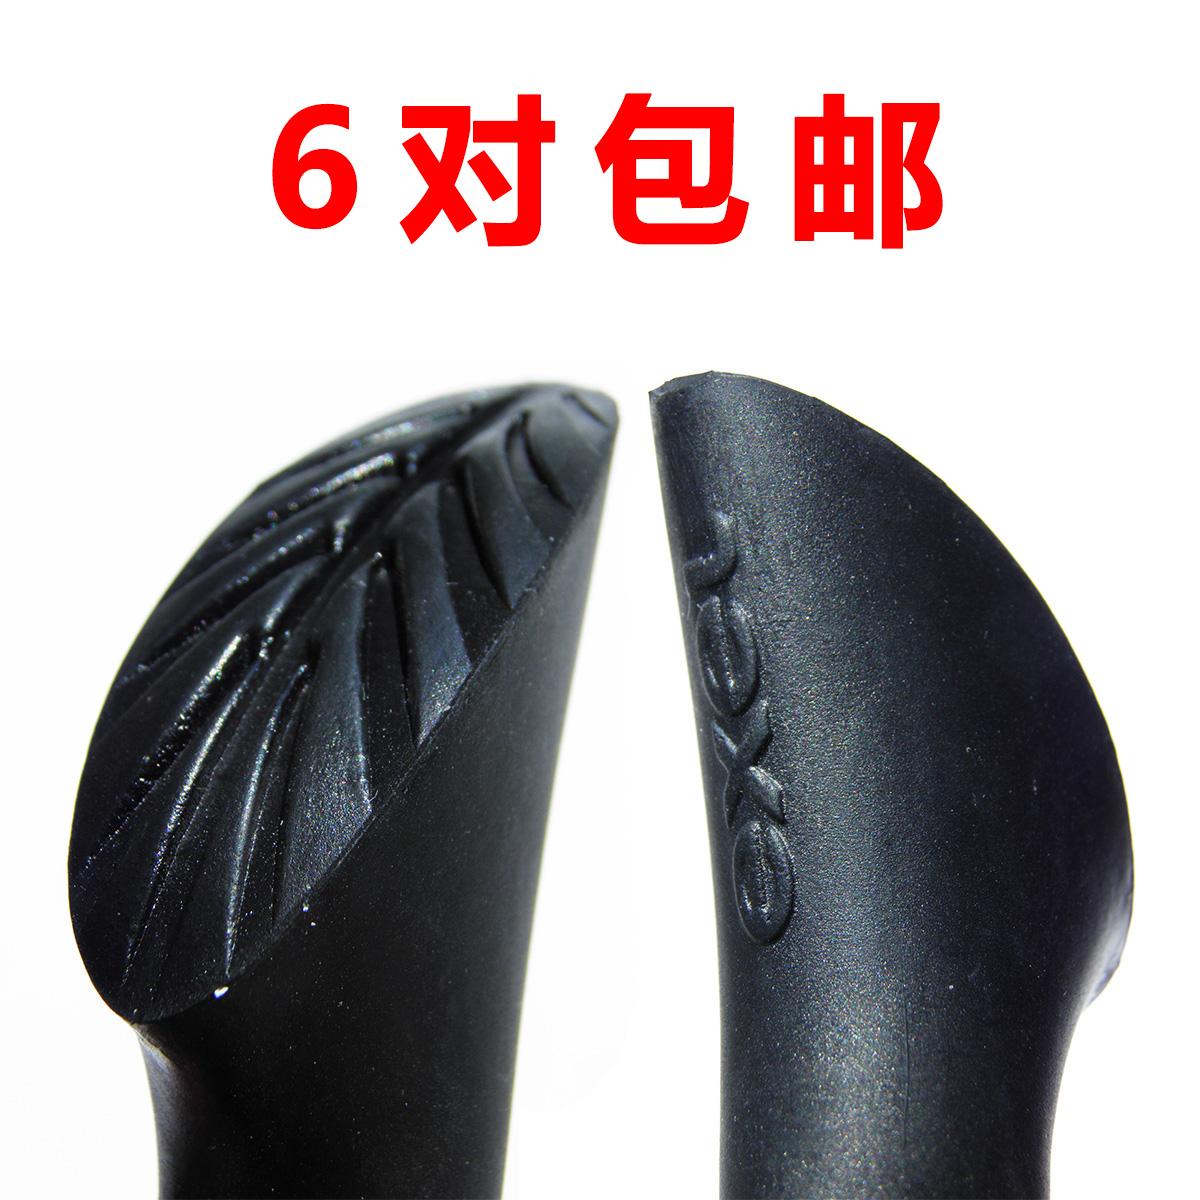 Chính hãng exeL Bắc Âu đi bộ dính tip đặt Móng Ngựa hình chân bìa khởi động loại anti-skid head trekking cực phụ kiện 2